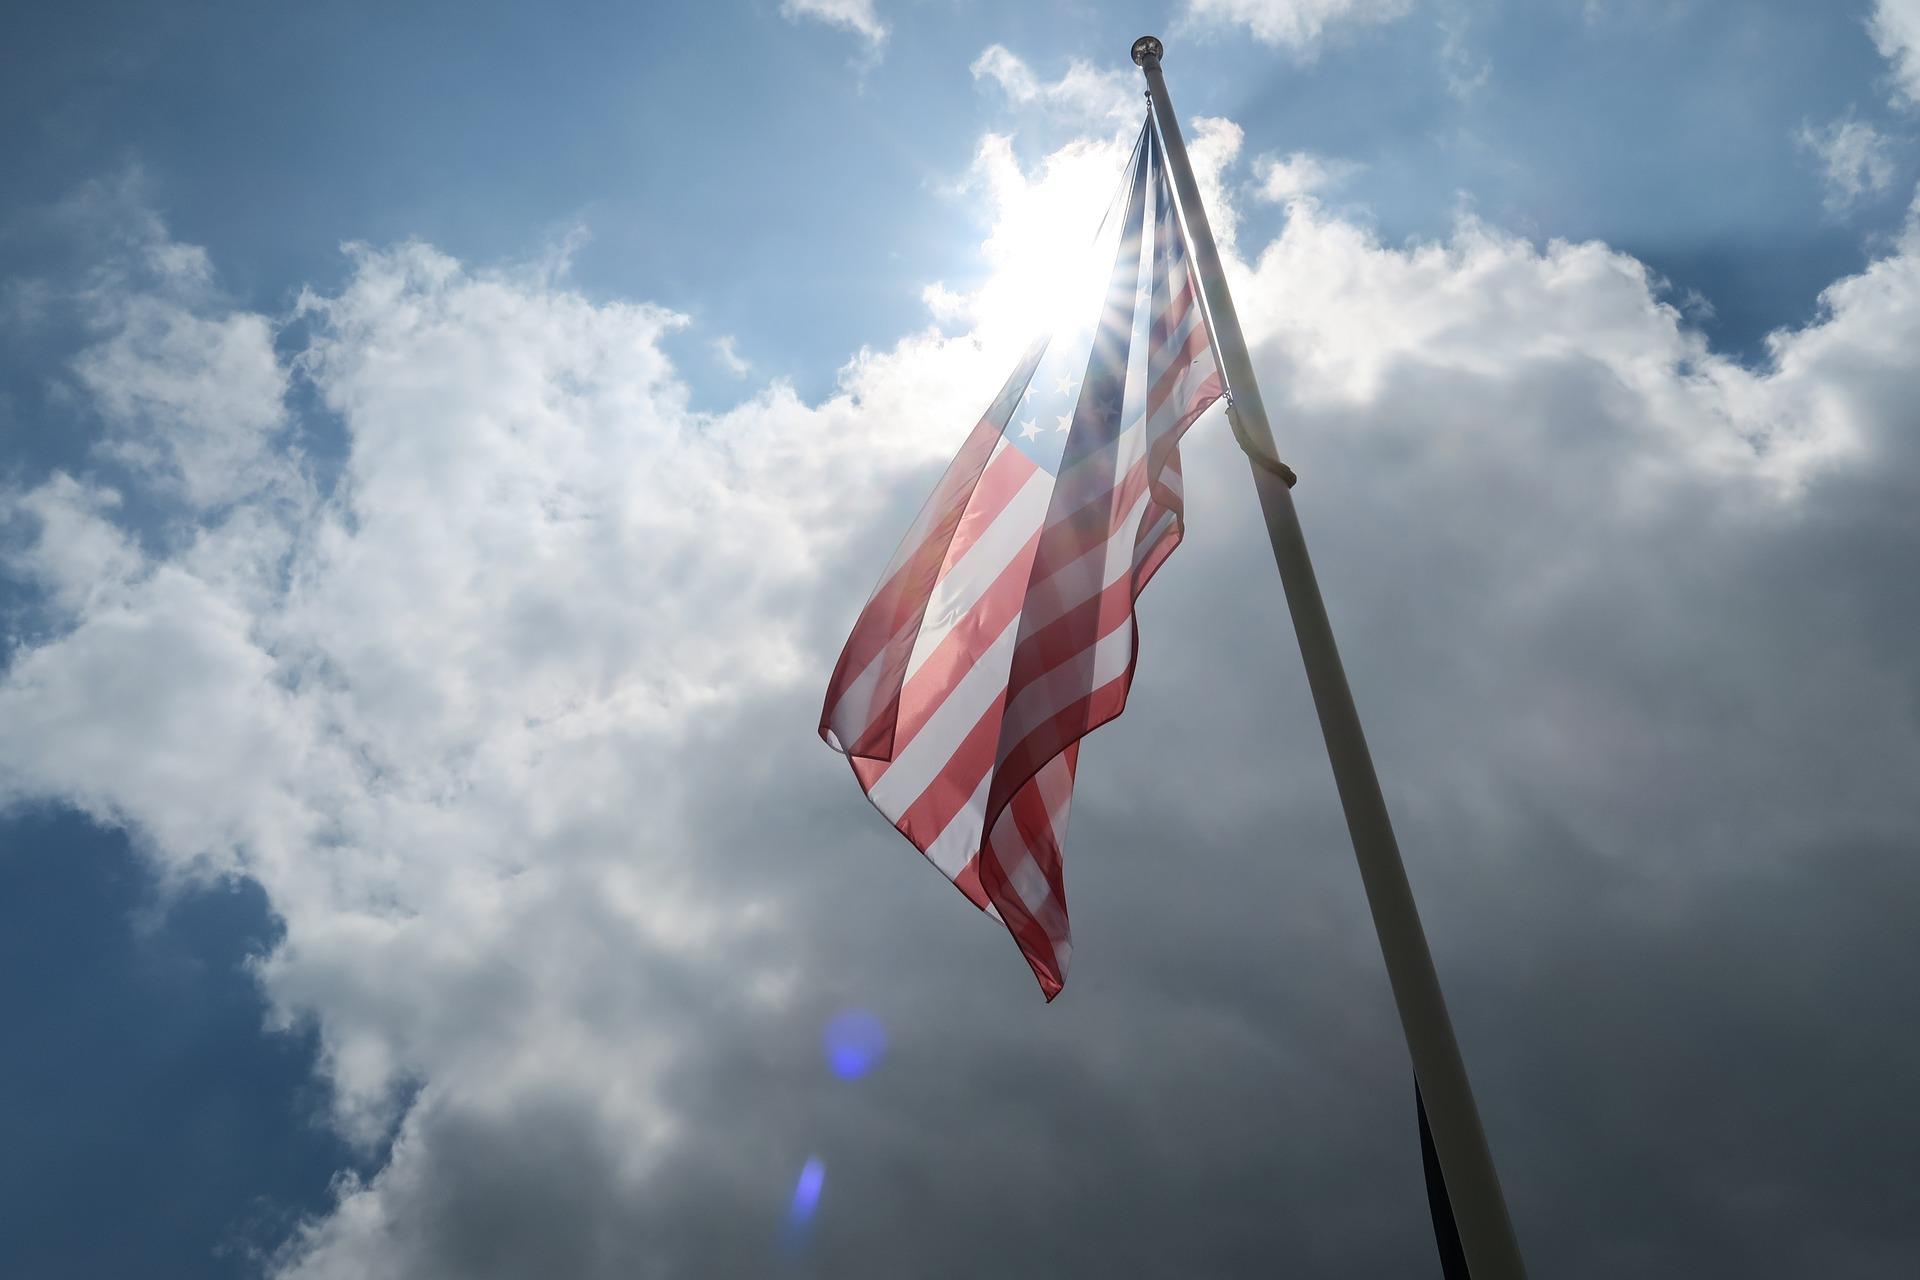 flag-2713652_1920.jpg